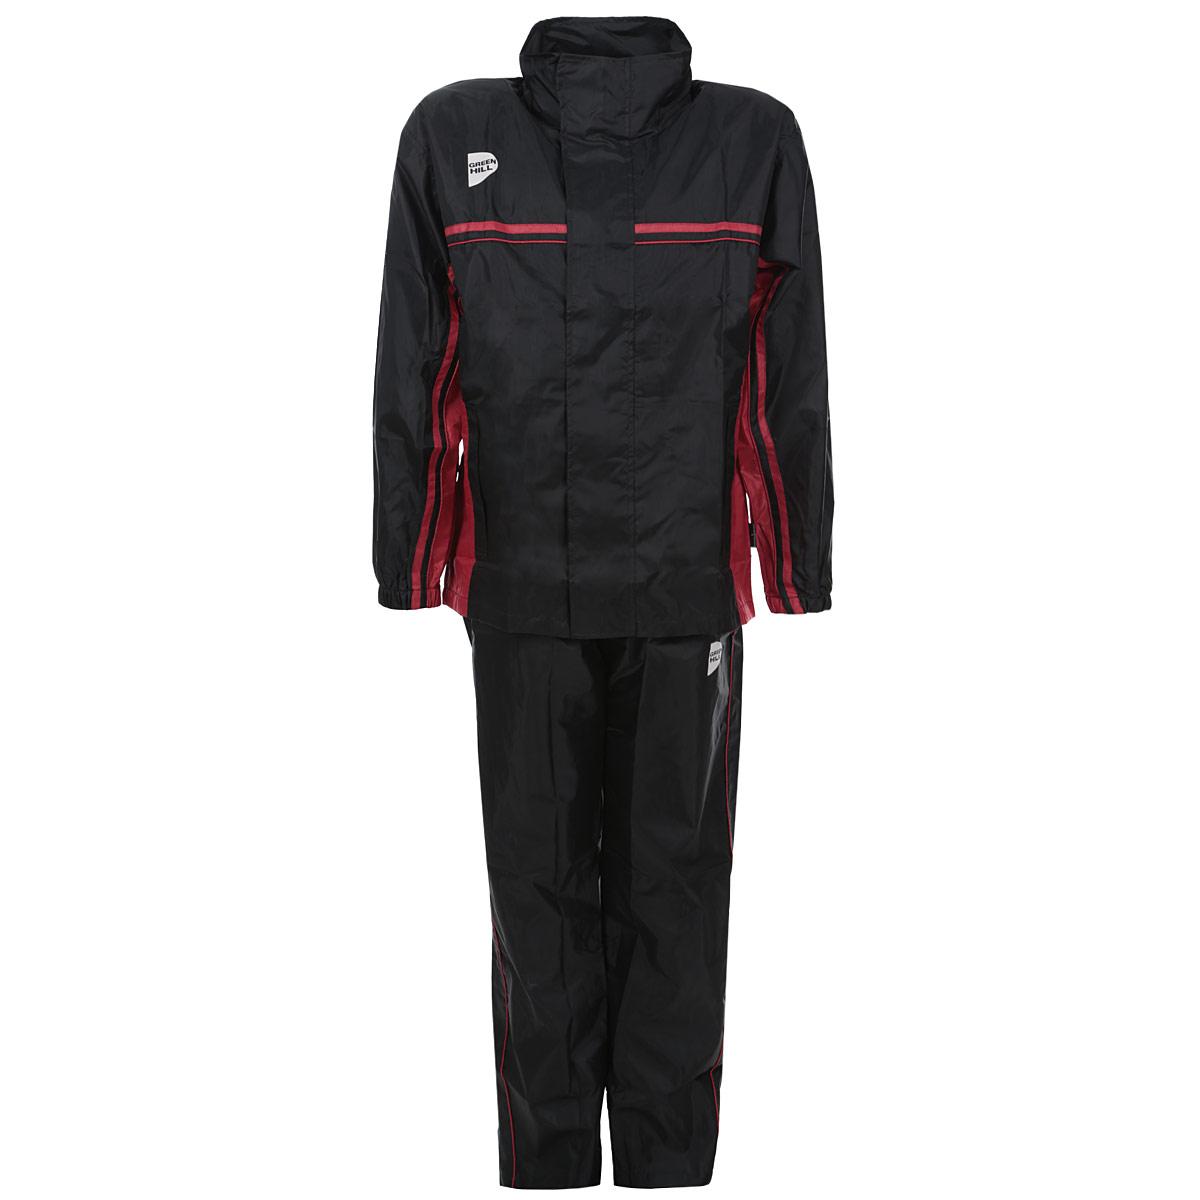 Костюм-сауна Green Hill, цвет: черный, красный. Размер 50SS-3661Костюм-сауна Green Hill предназначен для интенсивного сброса веса во время тренировок. Костюм выполнен из полиэстера черного цвета с красными вставками. Состоит из штанов и куртки с длинным рукавом. Пояс и манжеты куртки и штанов на резинках, что обеспечивает более плотное прилегание к телу. Куртка застегивается на застежку-молнию и липучки, имеет капюшон, убирающийся в воротник, и два кармана на молнии. Брюки имеют шнурок на поясе, а также карманы на молнии. Во время физических тренировок костюм создает эффект сауны, что в свою очередь эффективно воздействует на процесс сжигания жира. Поэтому в таком костюме лишний вес будет пропадать намного быстрее, чем в обычной спортивной одежде. Костюм-сауна Green Hill предназначен для интенсивного сброса веса во время тренировок. Костюм выполнен из полиэстера черного цвета с красными вставками. Состоит из штанов и куртки с длинным рукавом. Пояс и манжеты куртки и штанов на резинках, что обеспечивает более плотное прилегание к телу....